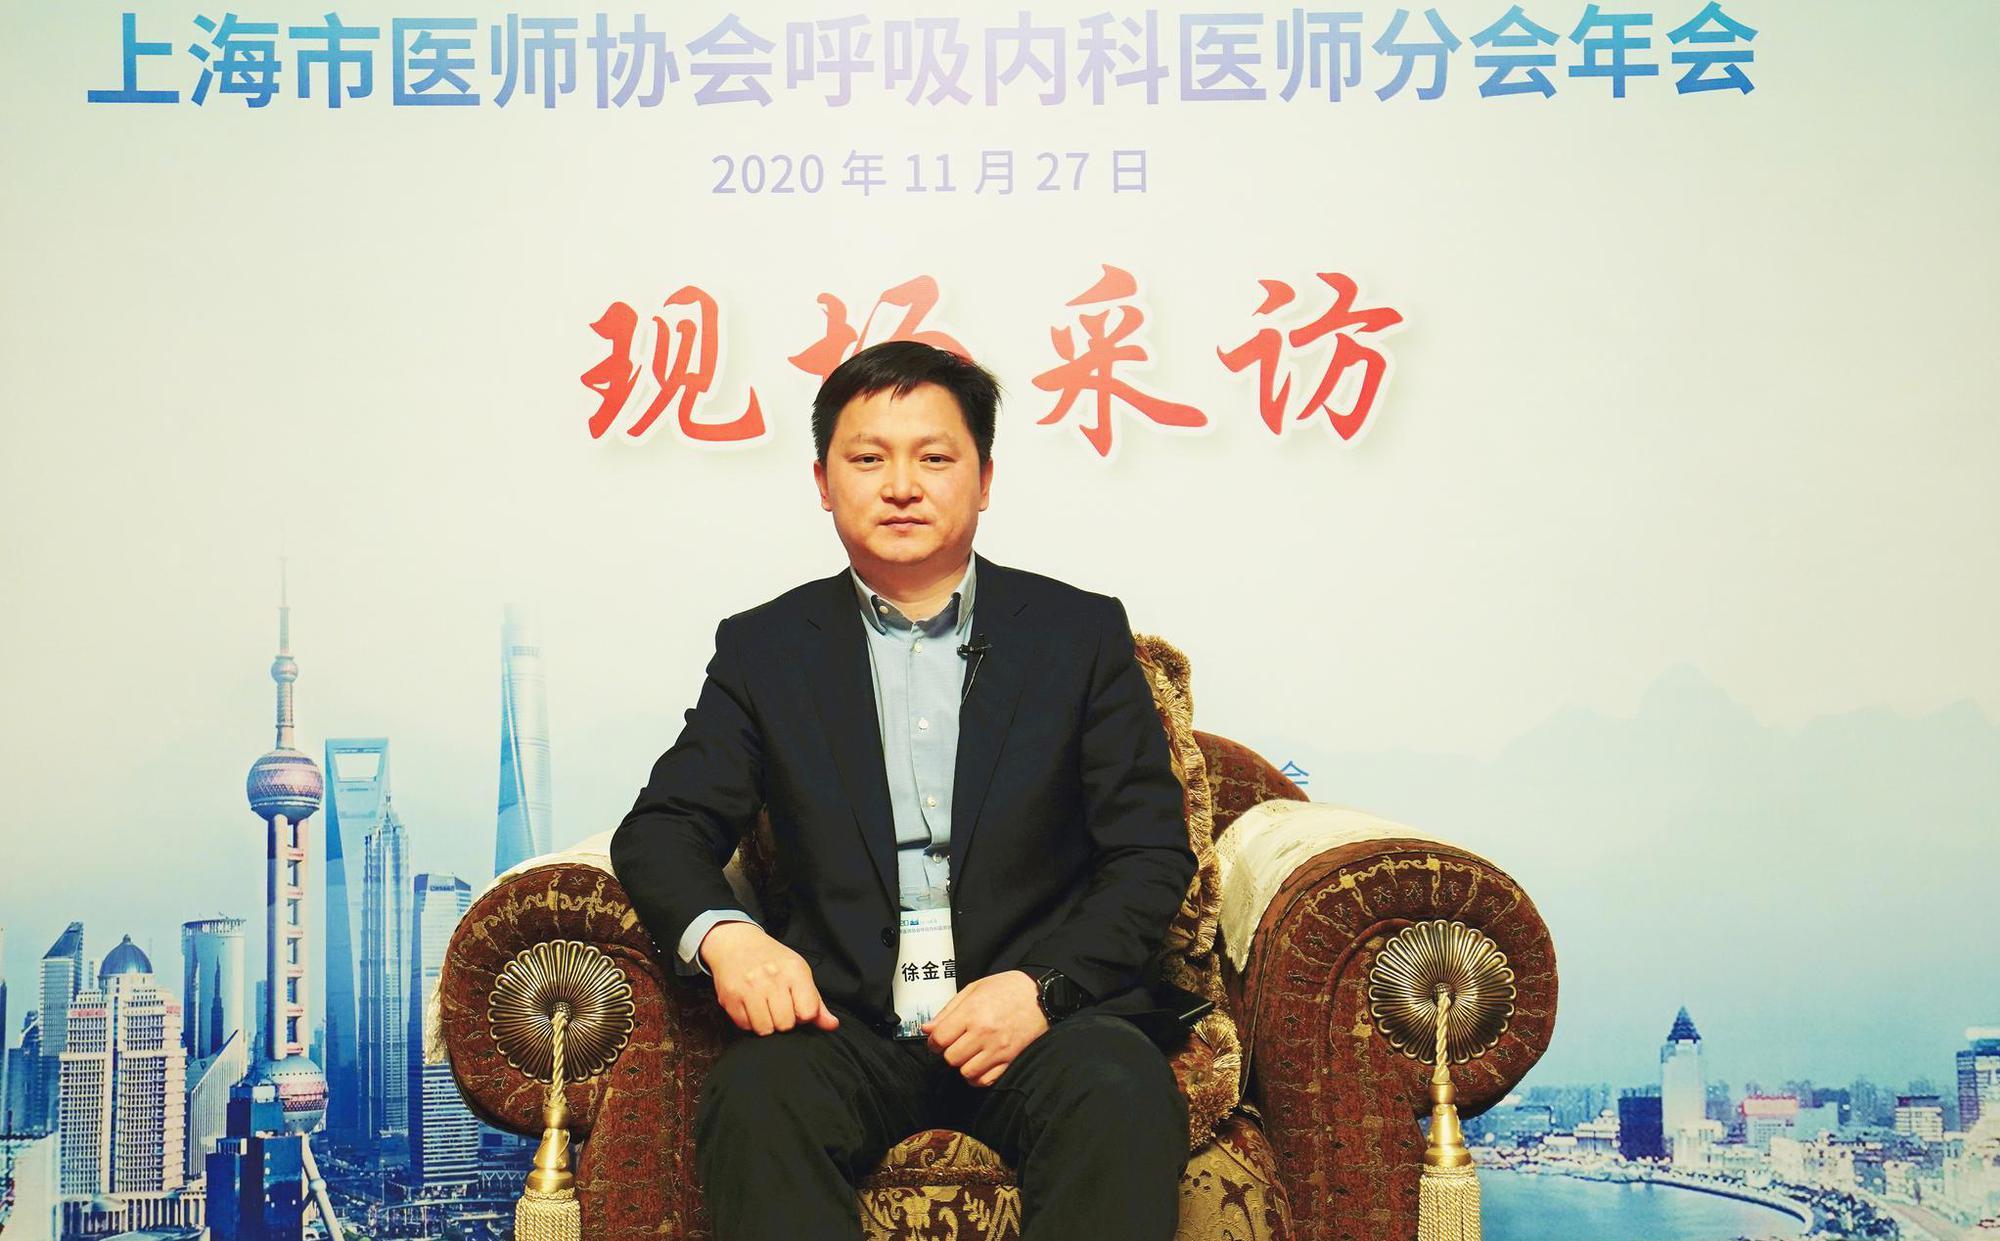 呼吸名医访谈录|徐金富教授-中国支气管扩张症专家共识